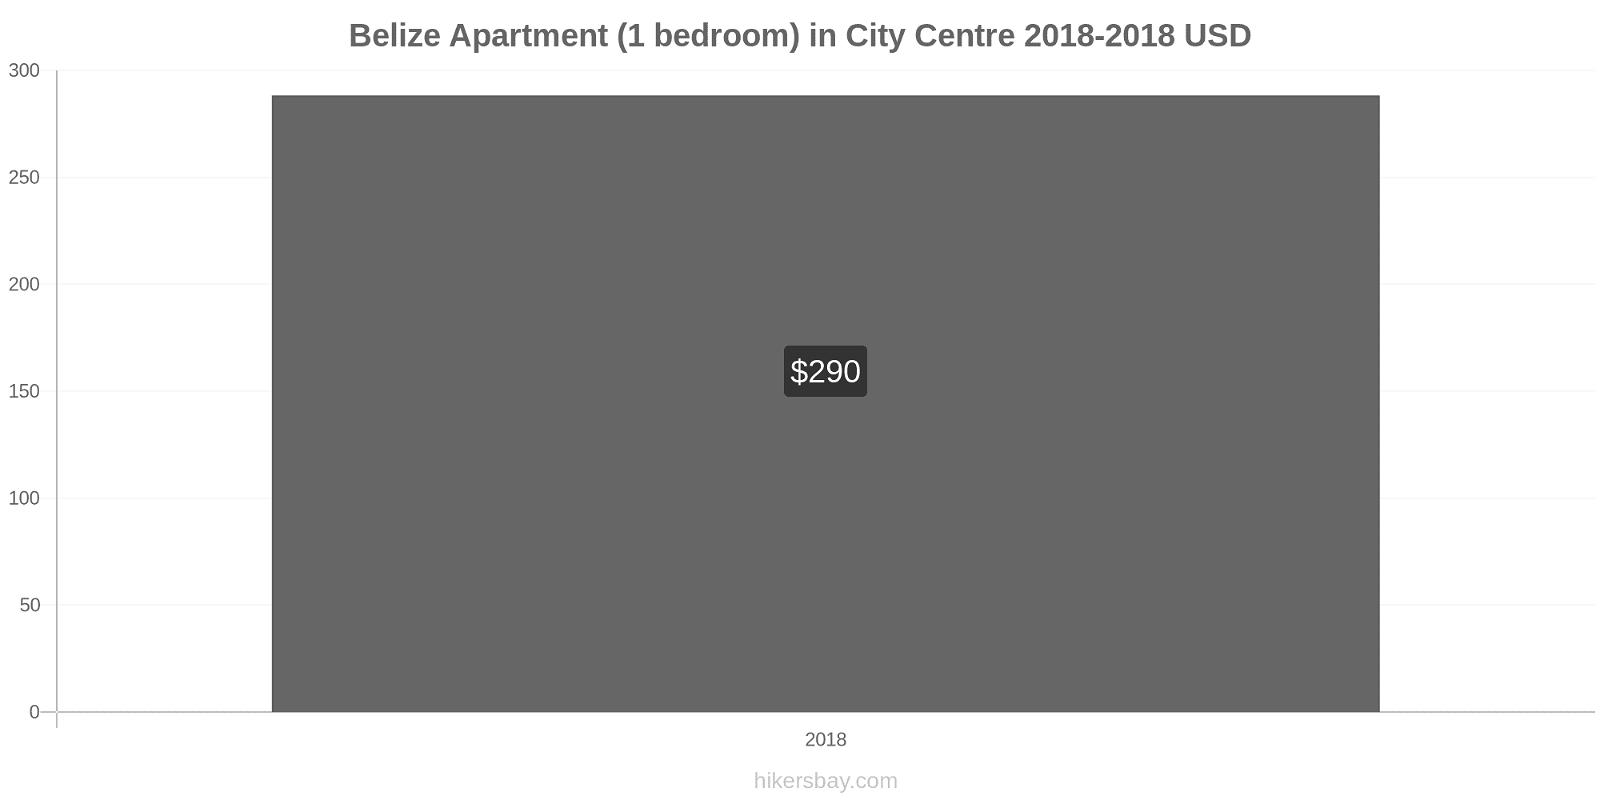 Belize price changes Apartment (1 bedroom) in City Centre hikersbay.com